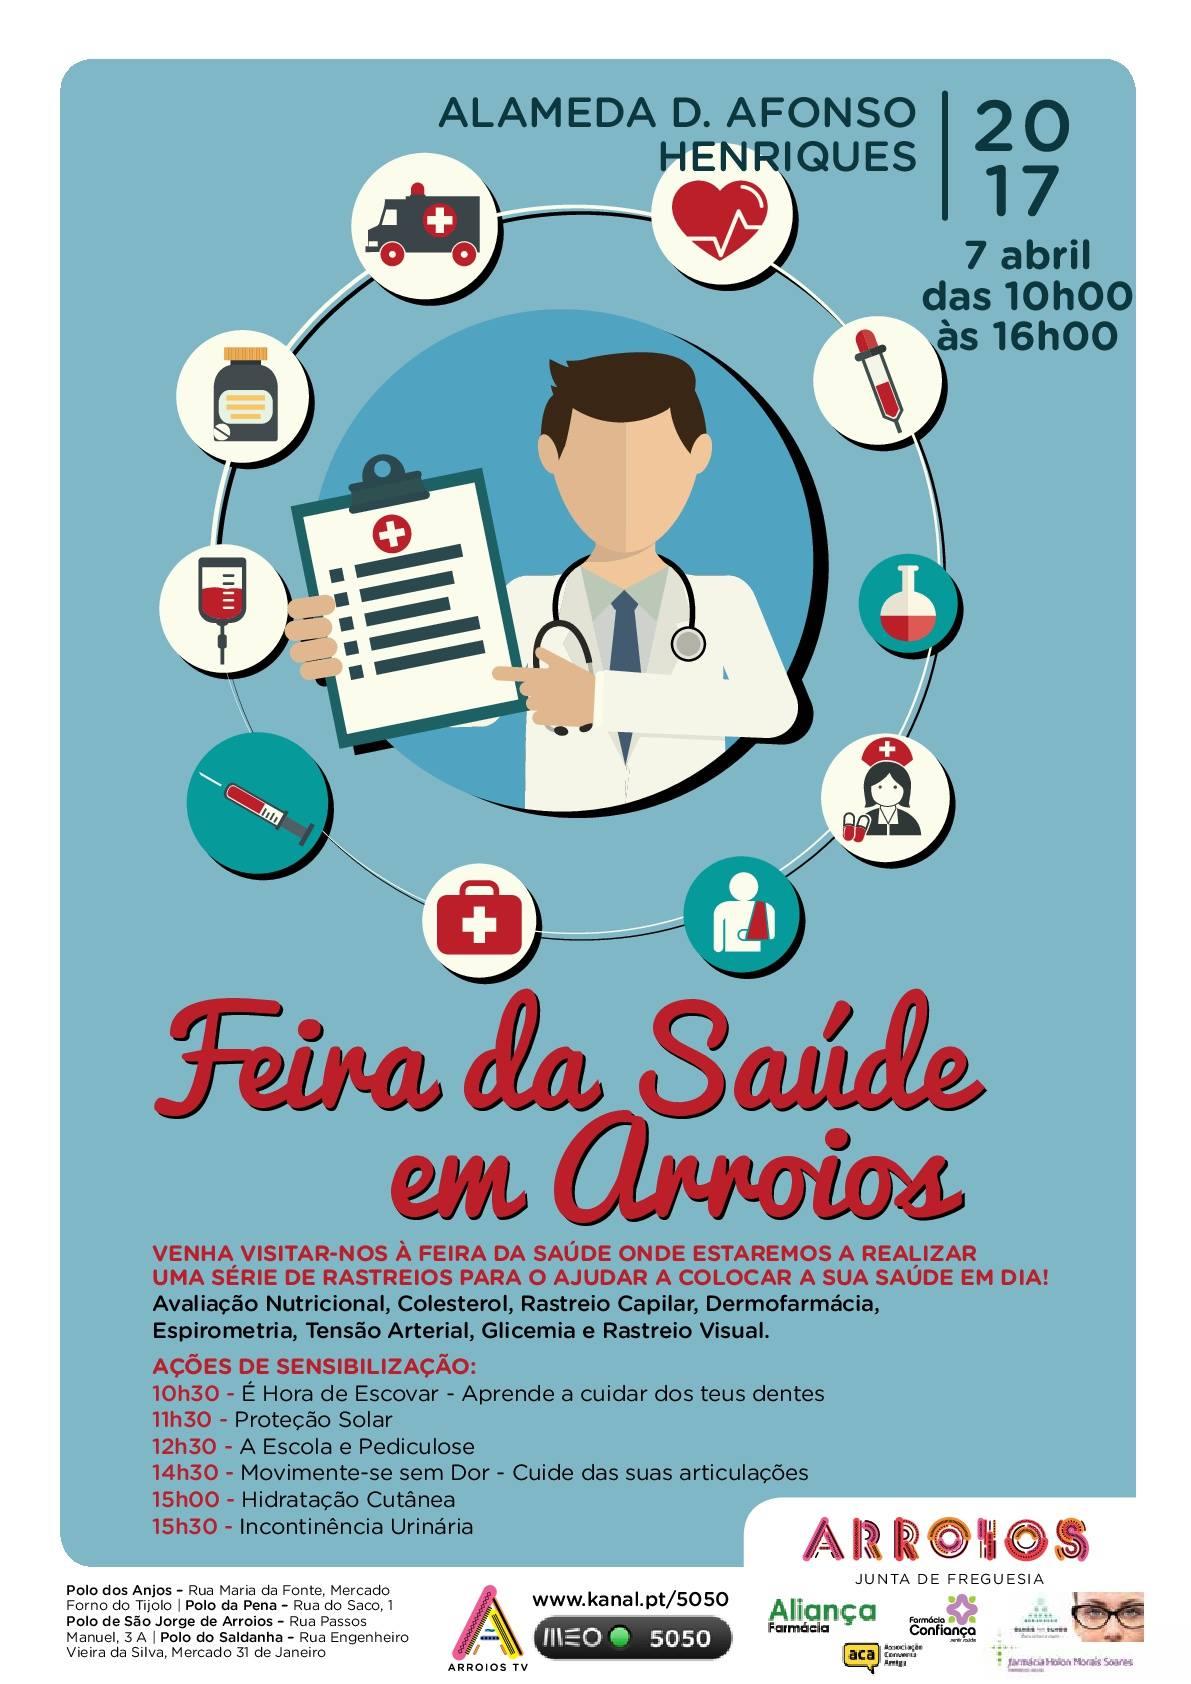 Feira da Saúde em Arroios | 7 Abril